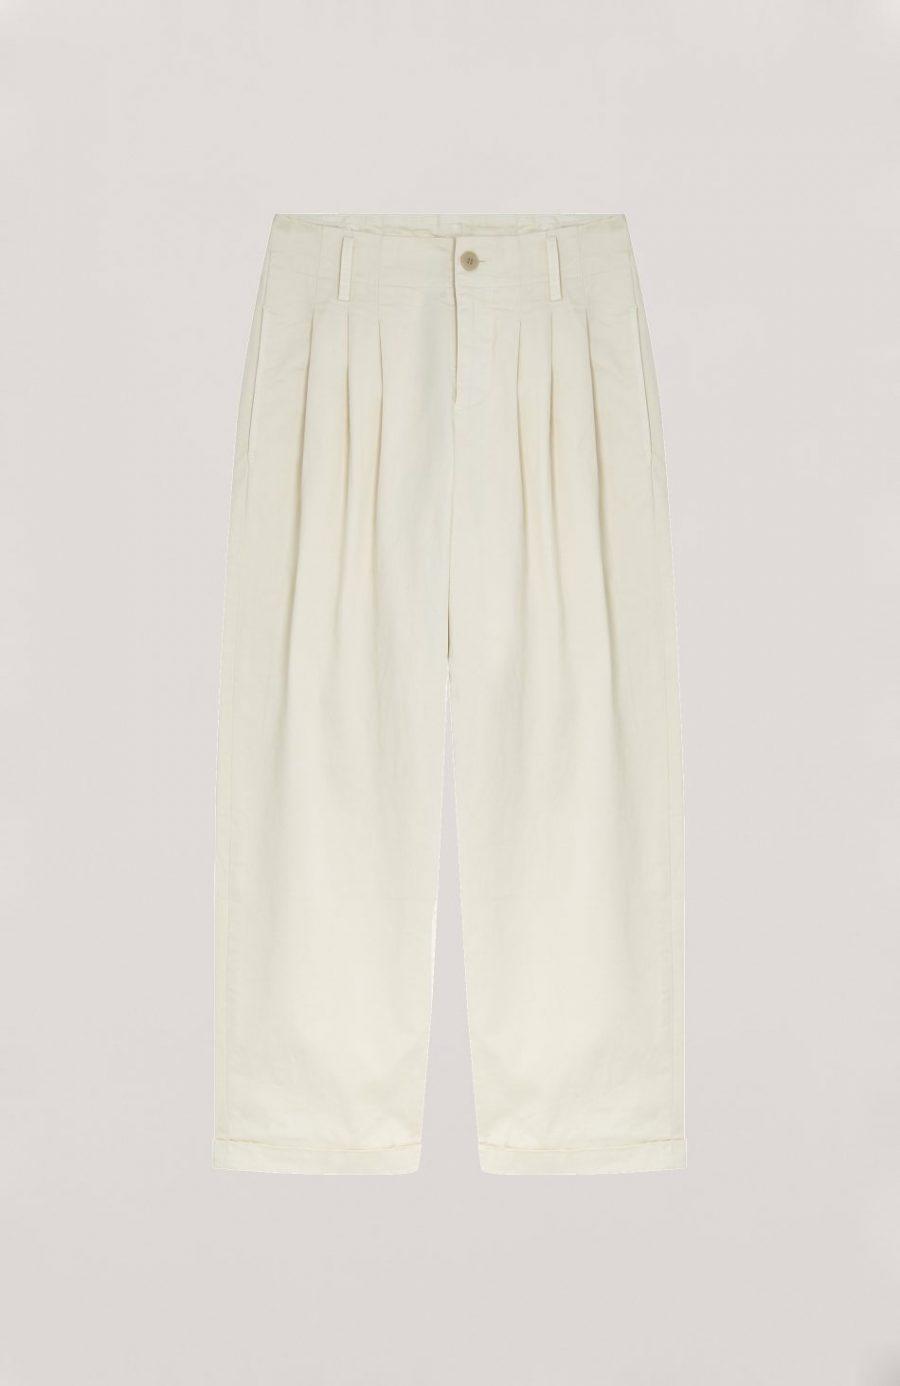 Q4NAN-Keaton-Trouser-Ecru-950×1463